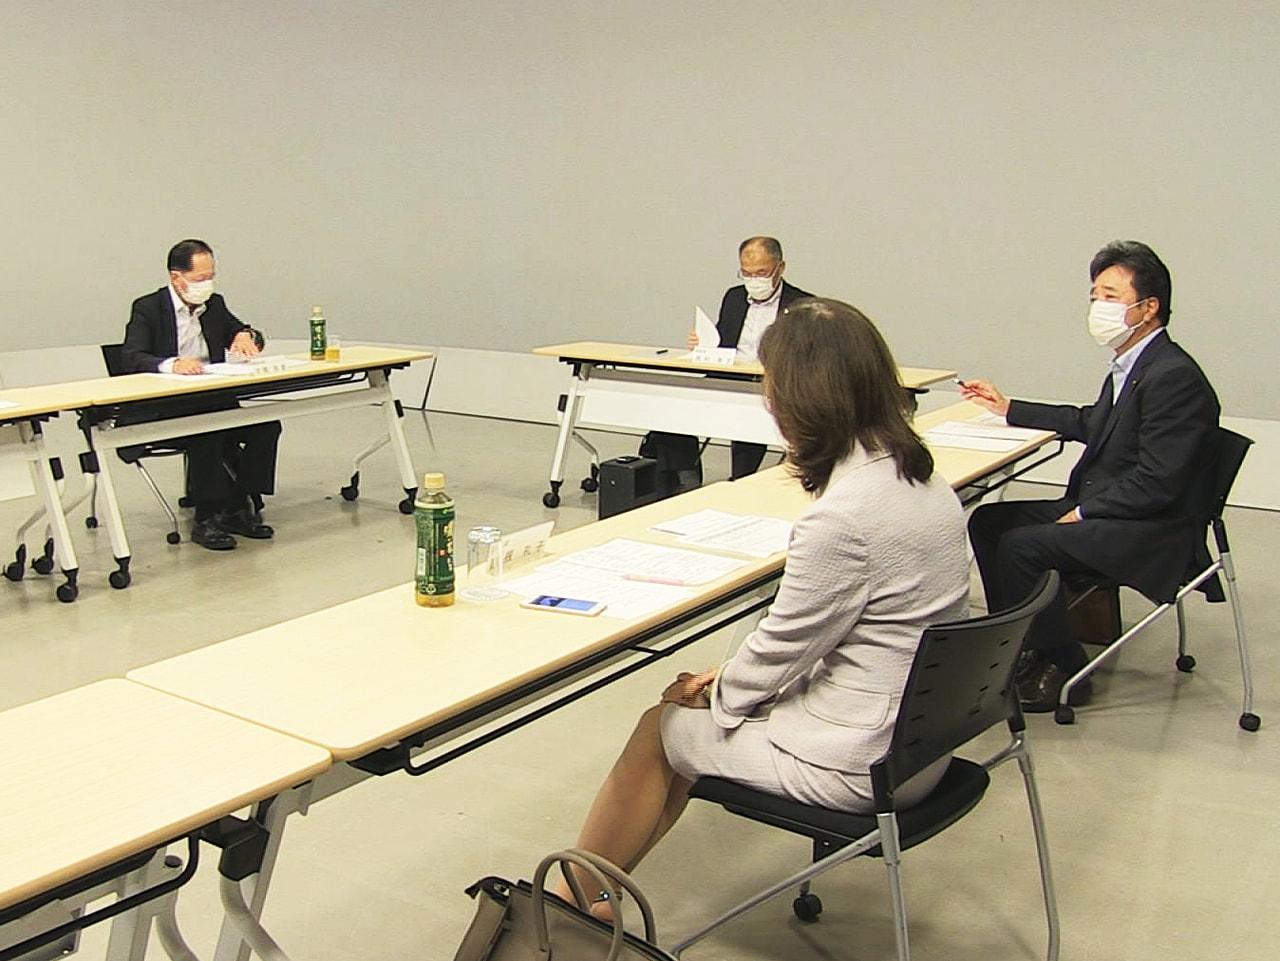 岐阜放送の番組審議会が23日開かれ、5月に放送されたテレビの番組を視聴して意見が...